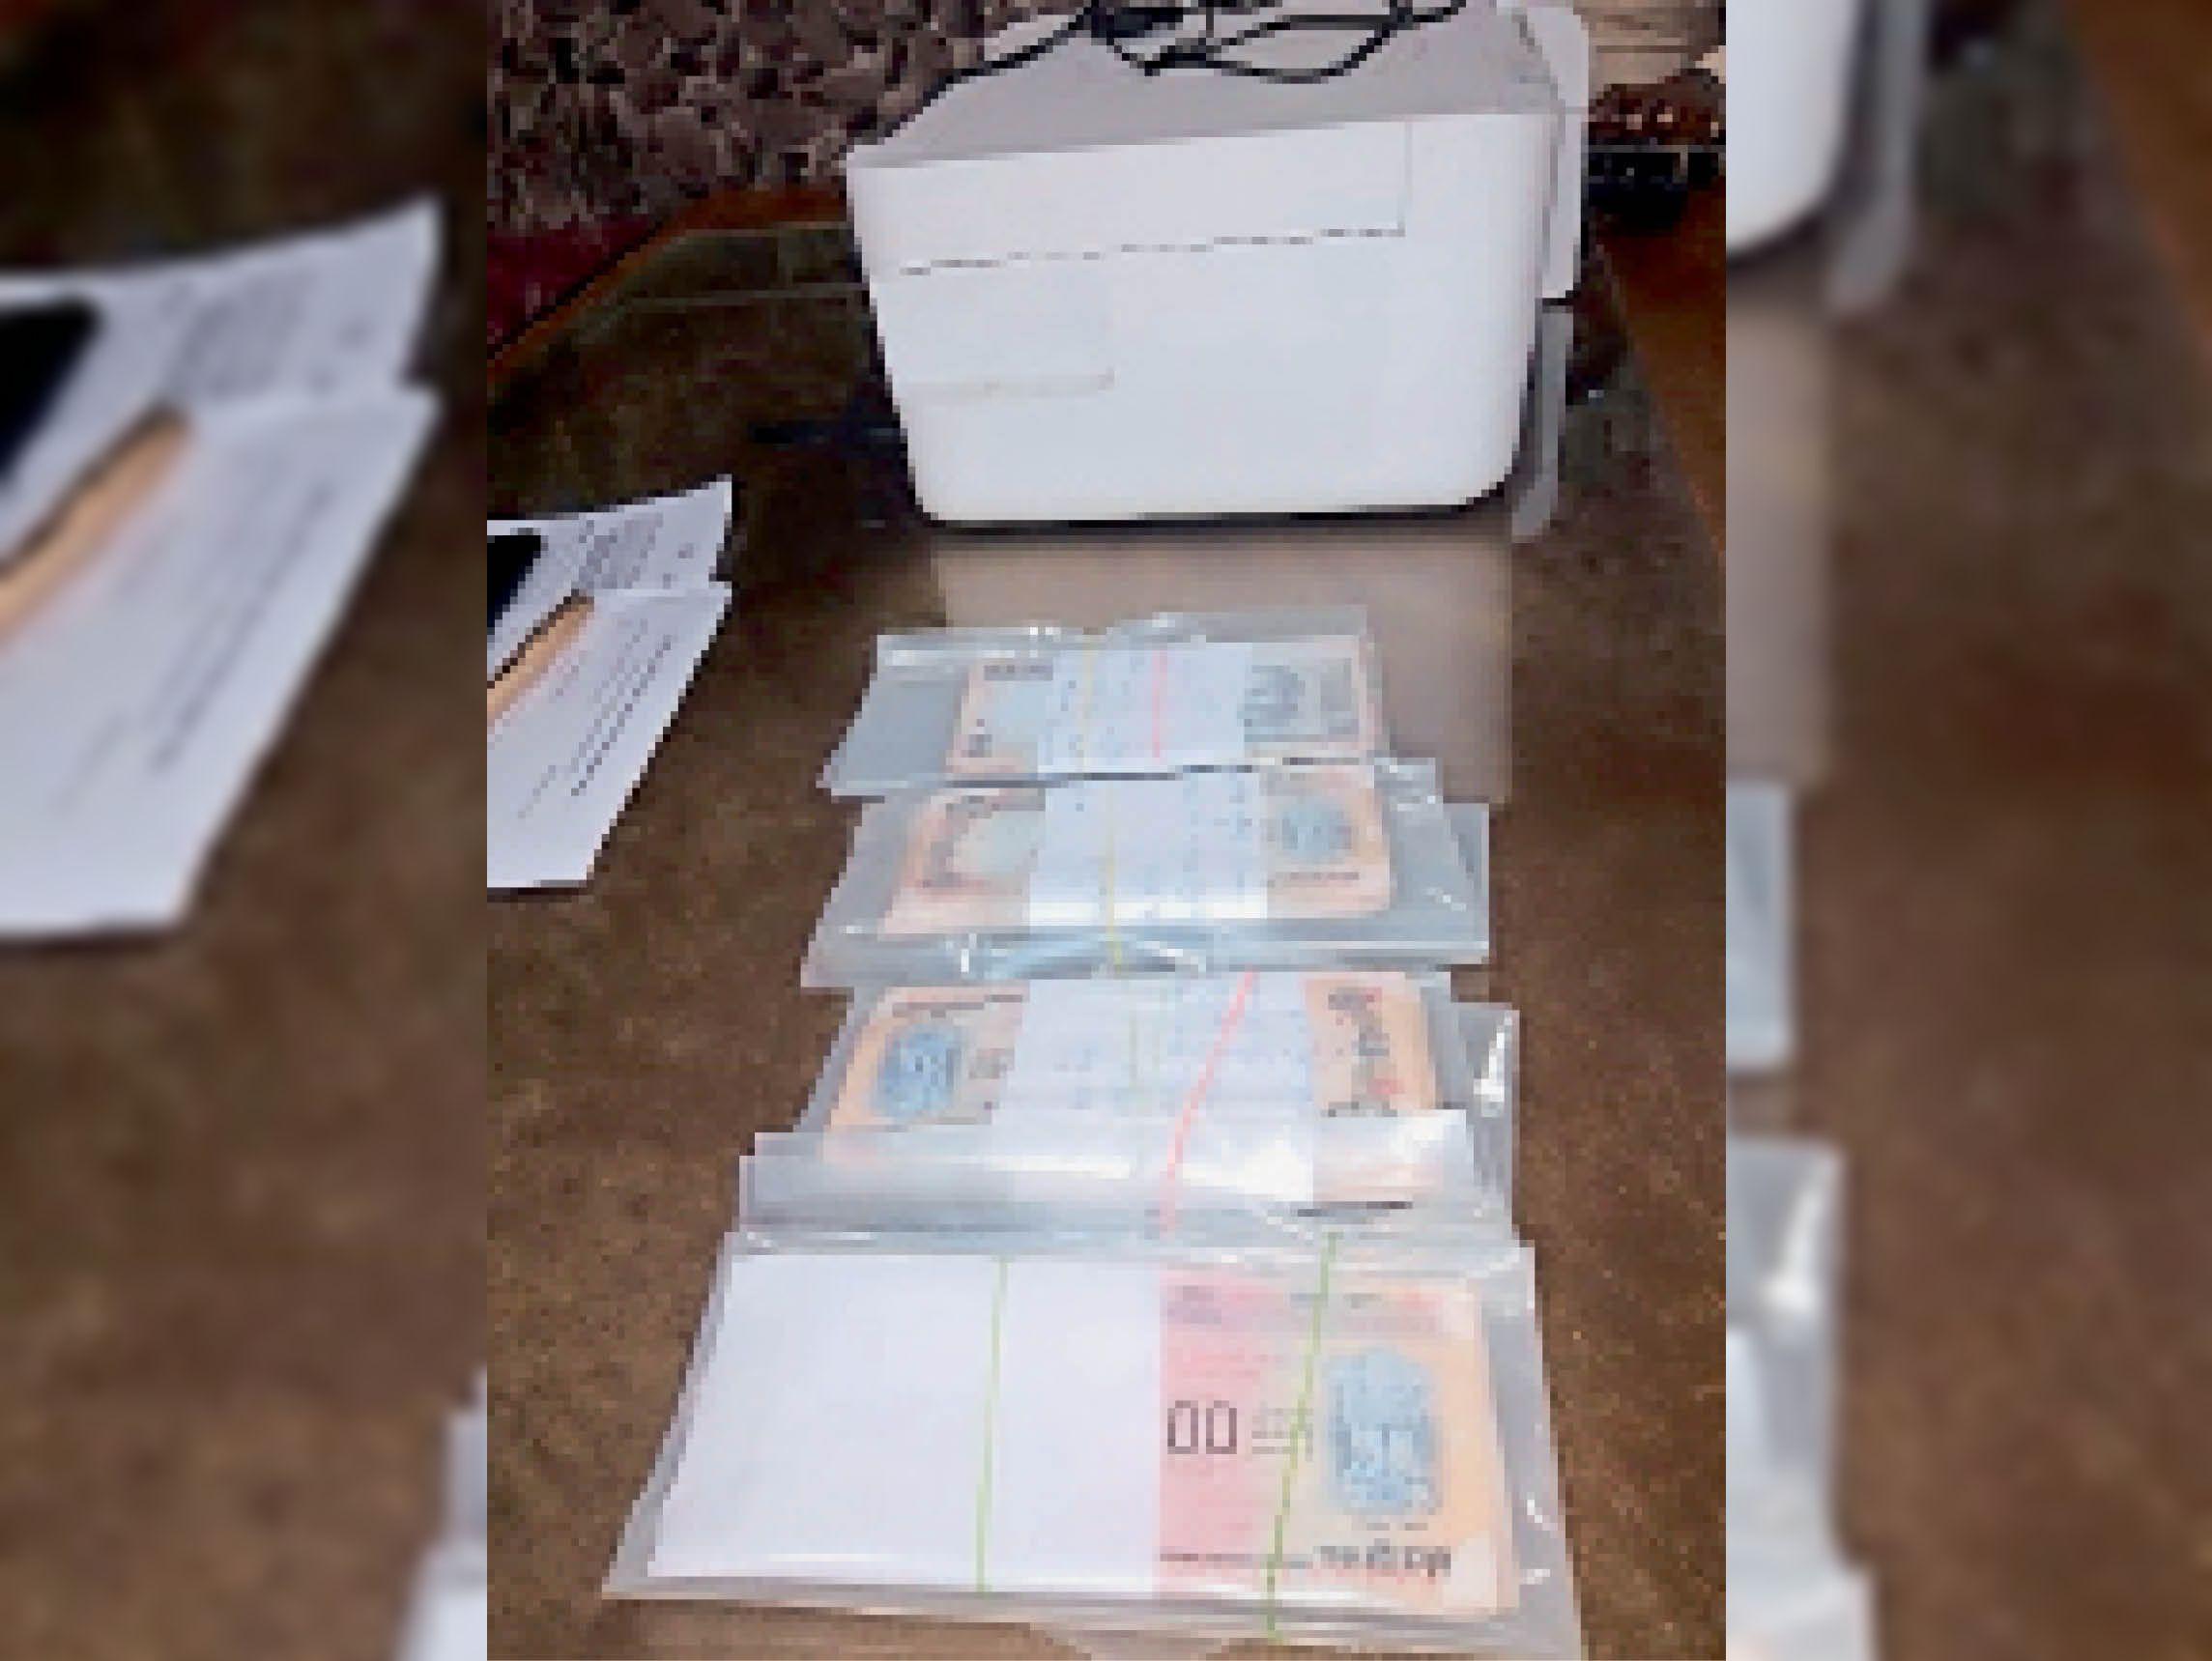 आरोपियों से जब्त कलर प्रिंटर व नकली नोट। - Dainik Bhaskar